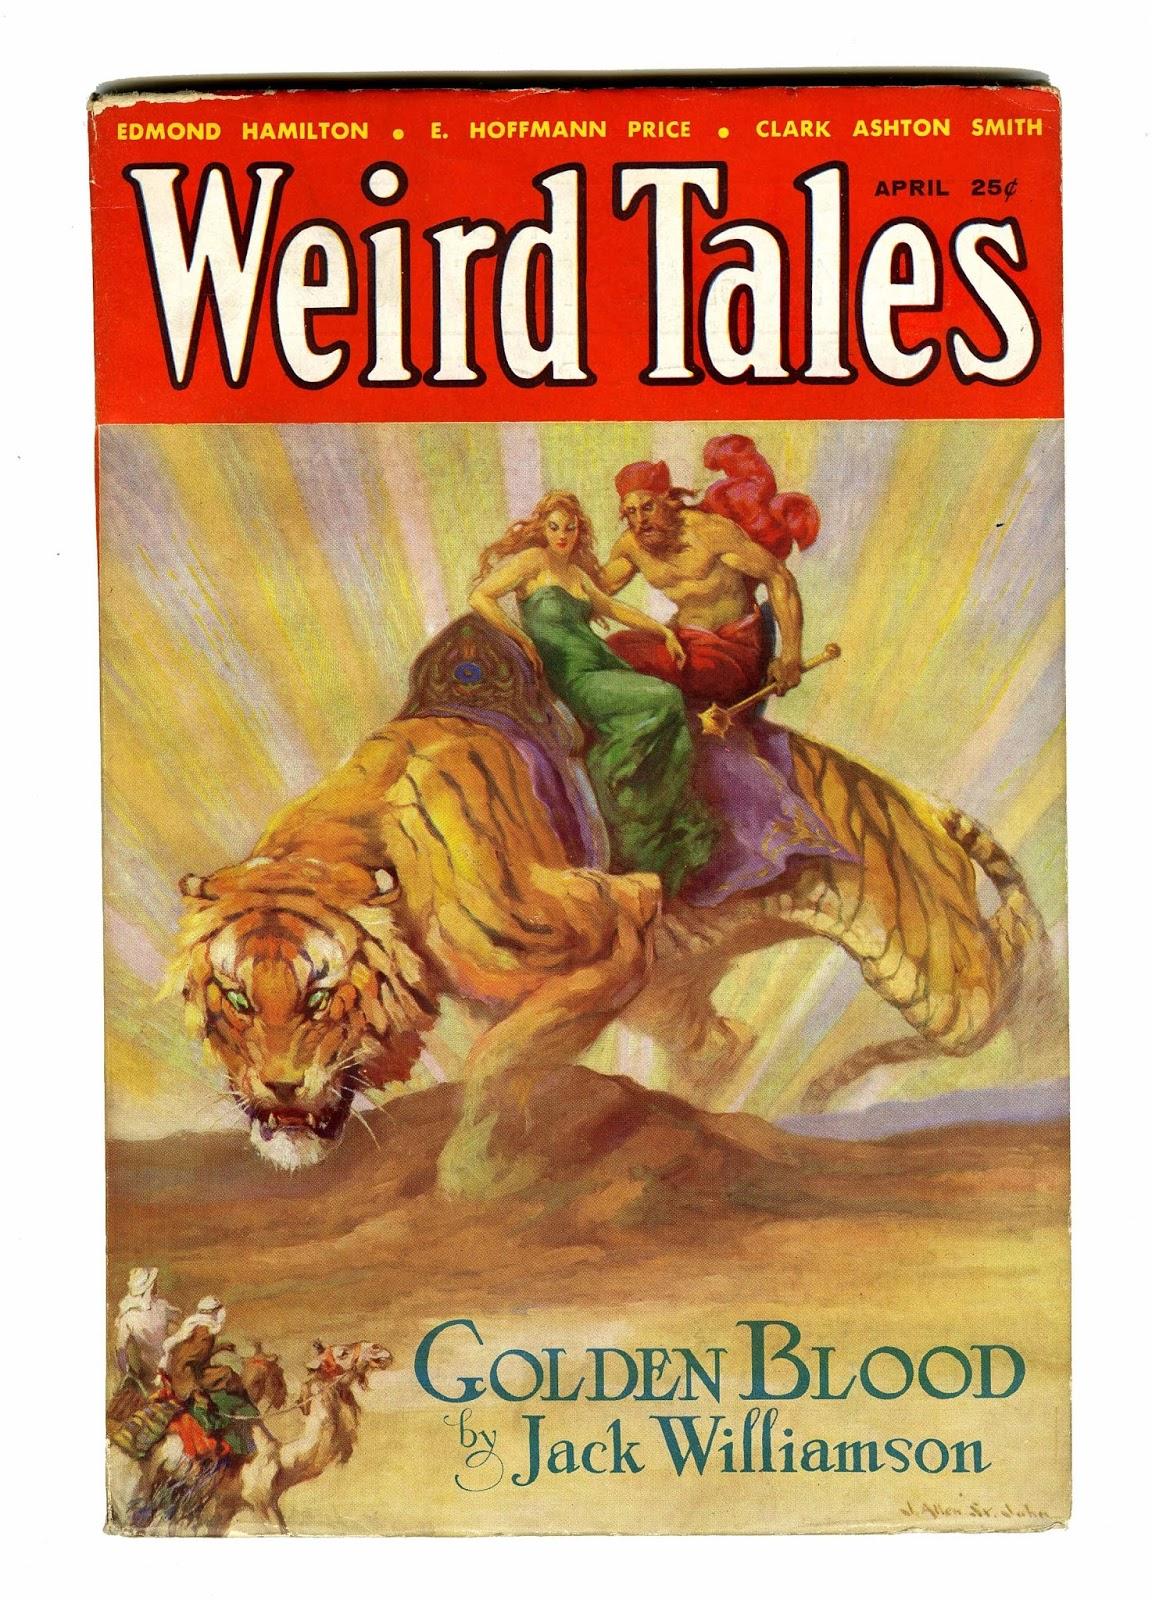 Weird Tales pulp magazine cover by J. Allen St. John